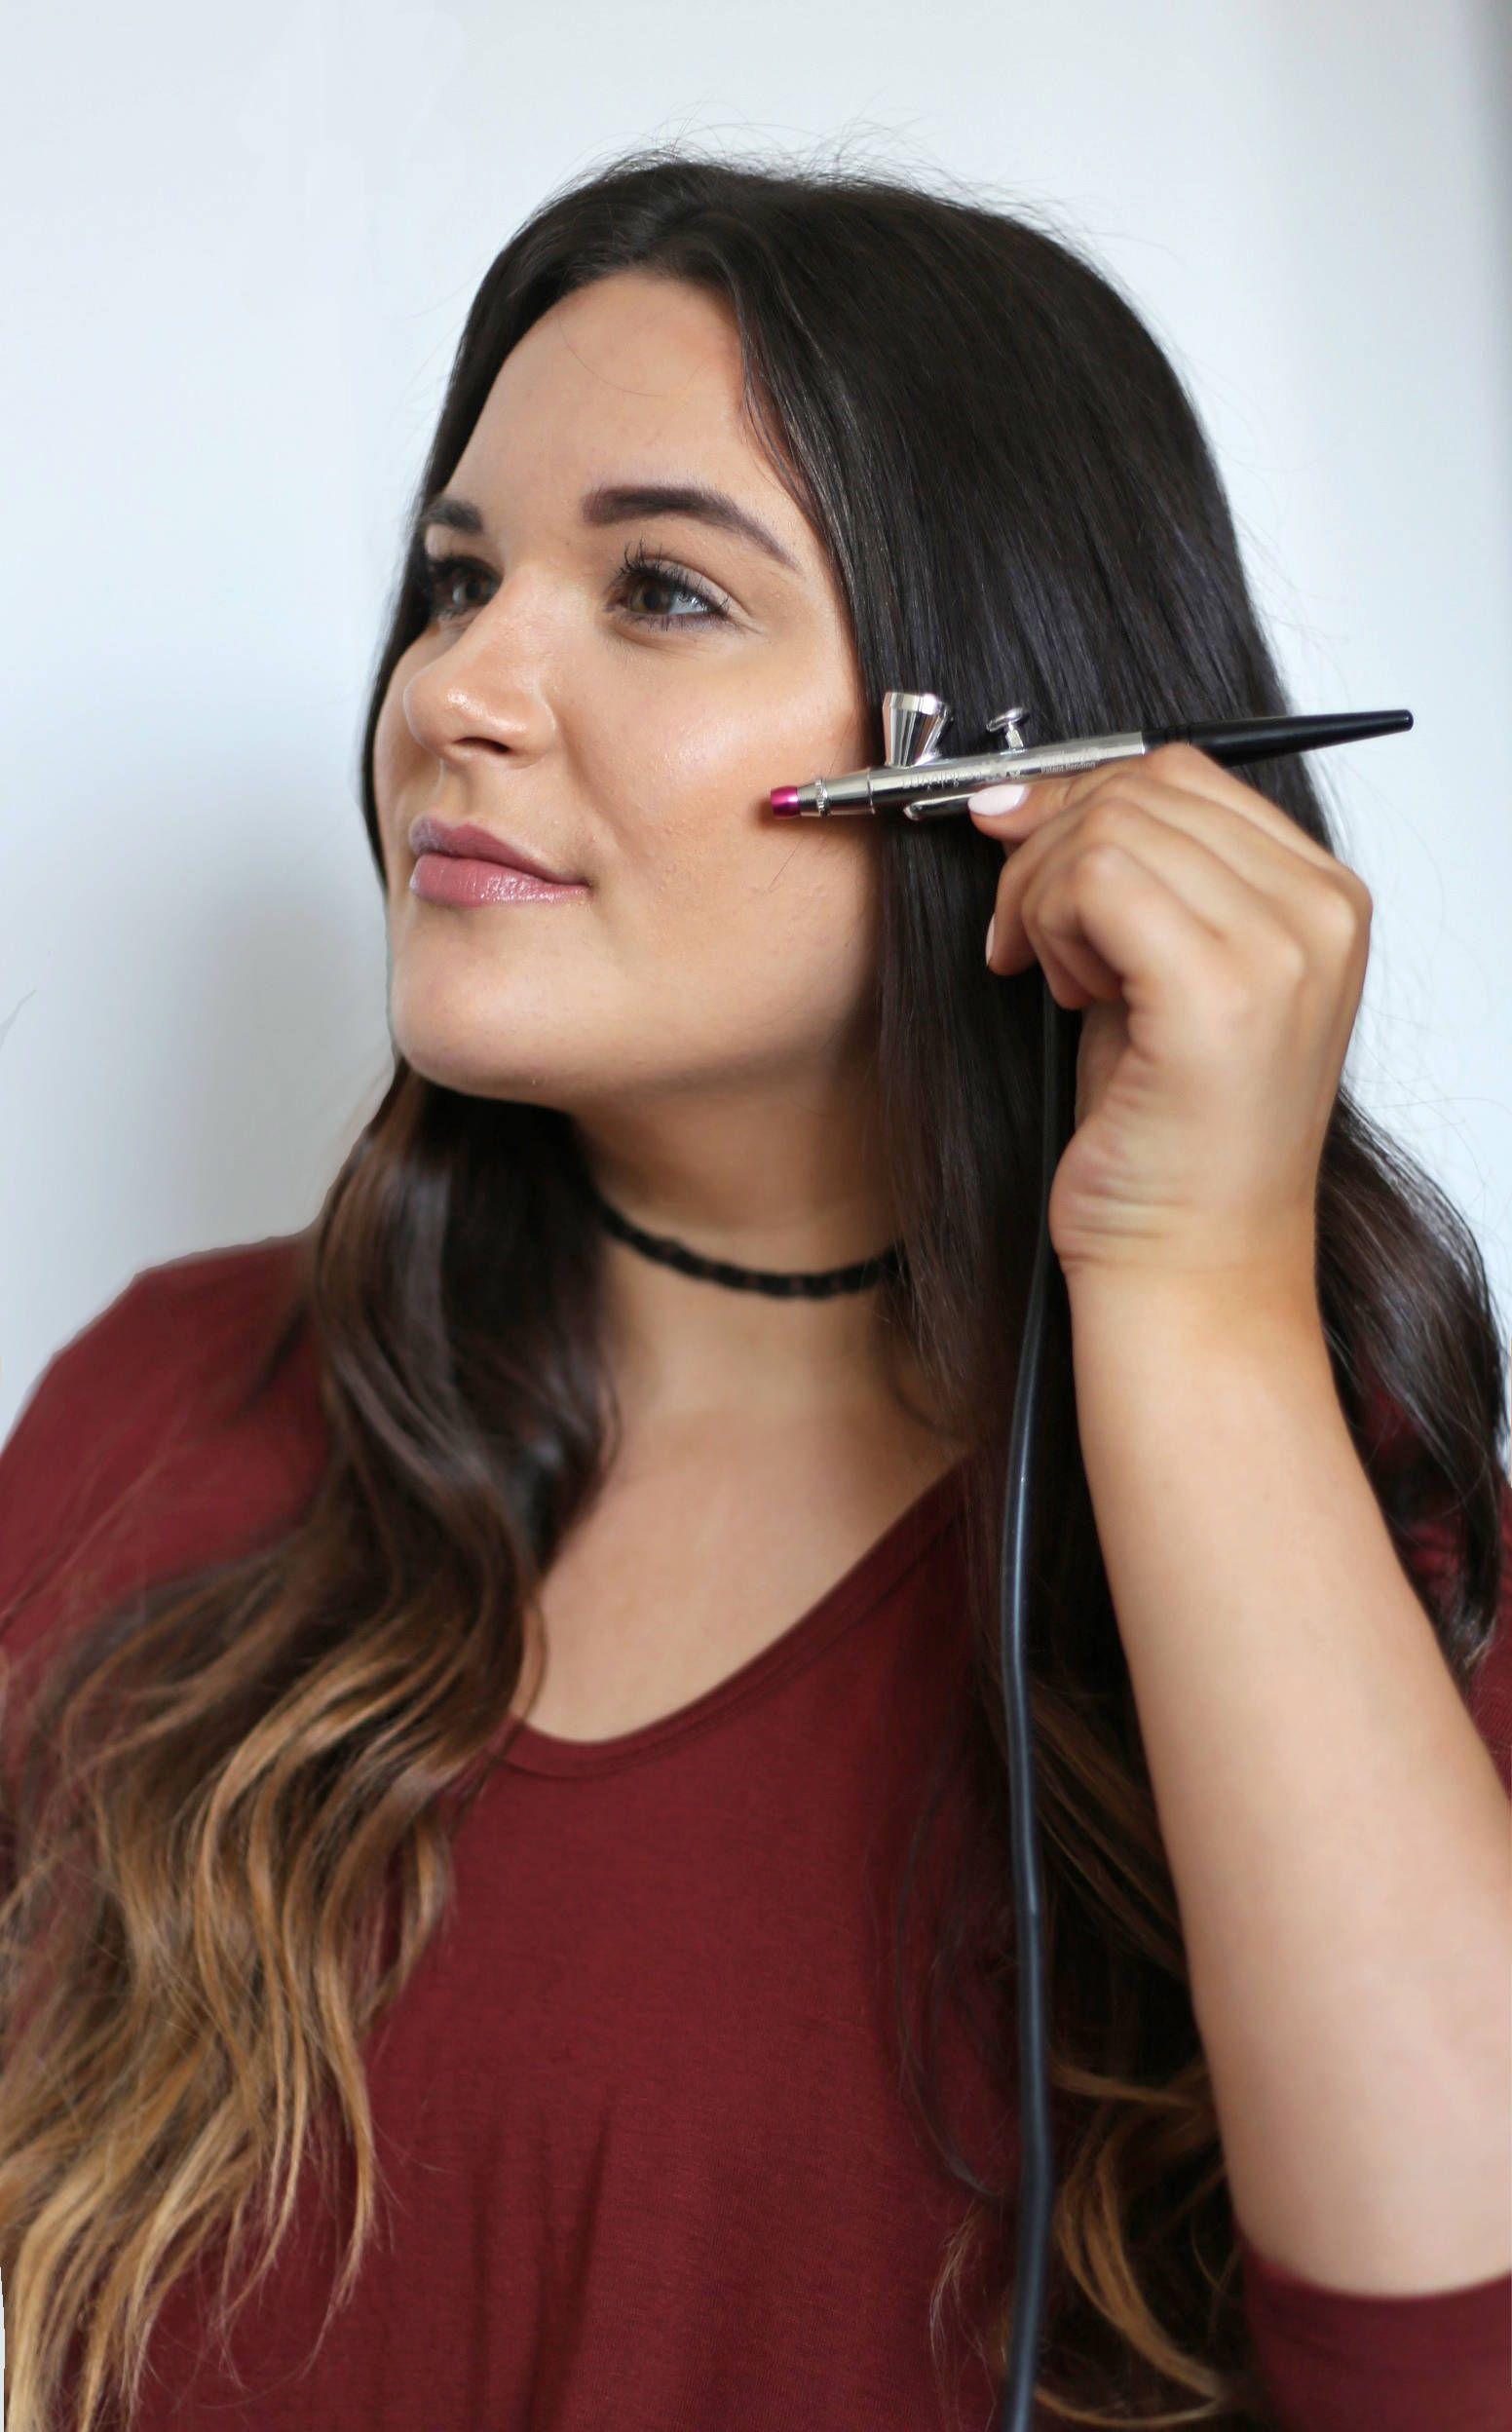 How to Contour Using Airbrush Makeup Airbrush makeup